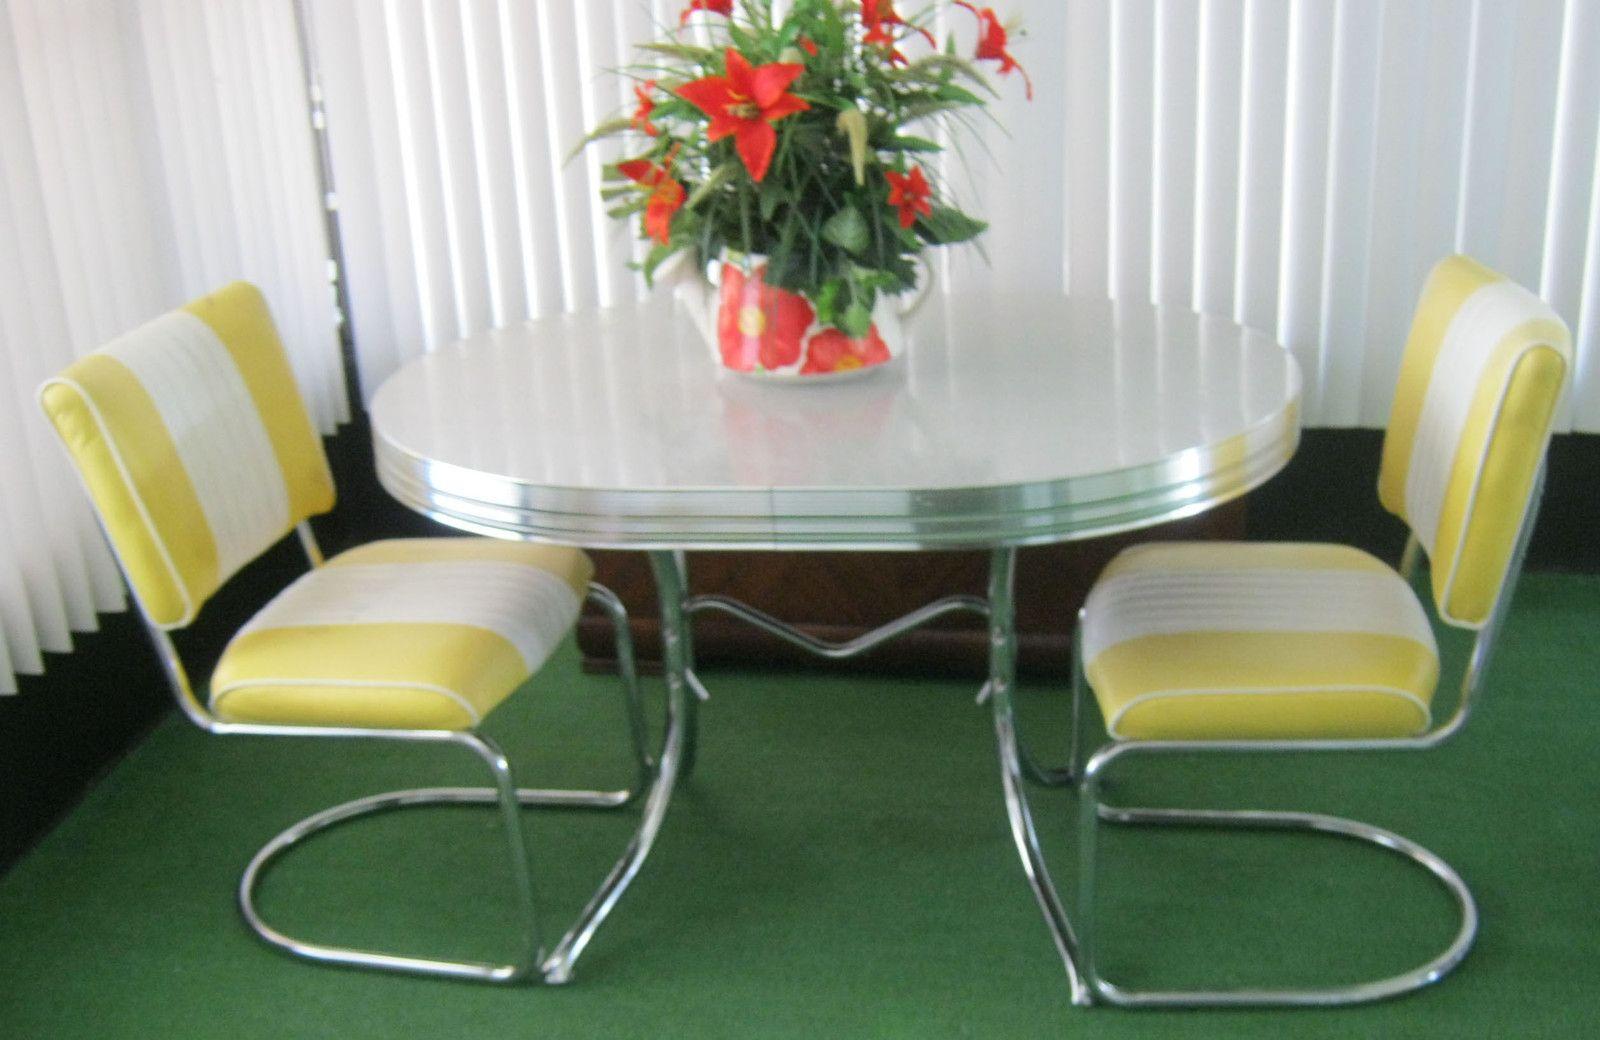 Vintage Retro 1950's Chrome Gray/Yellow Dining Kitchen